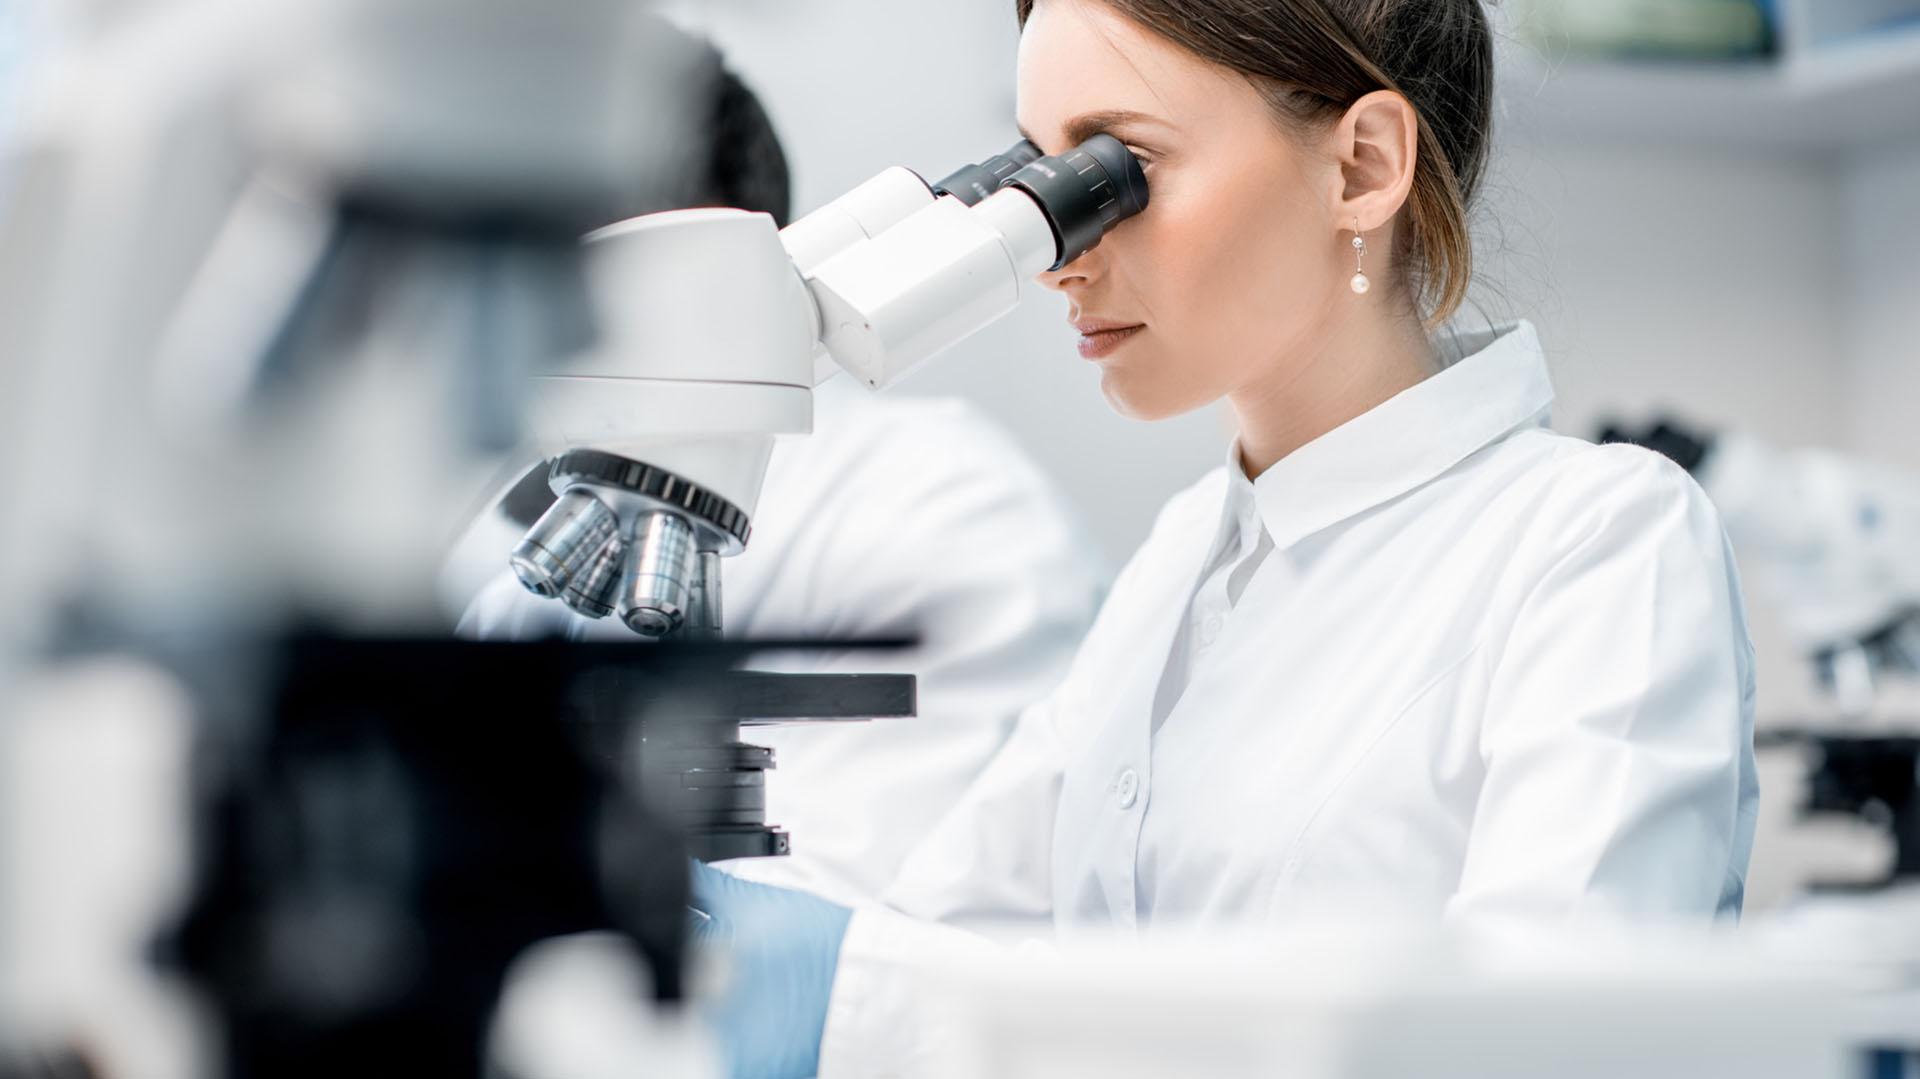 Algunas empresas de Silicon Valley se están enfocando en el desarrollo de la biotecnología porque considera que será el futuro (Archivo)